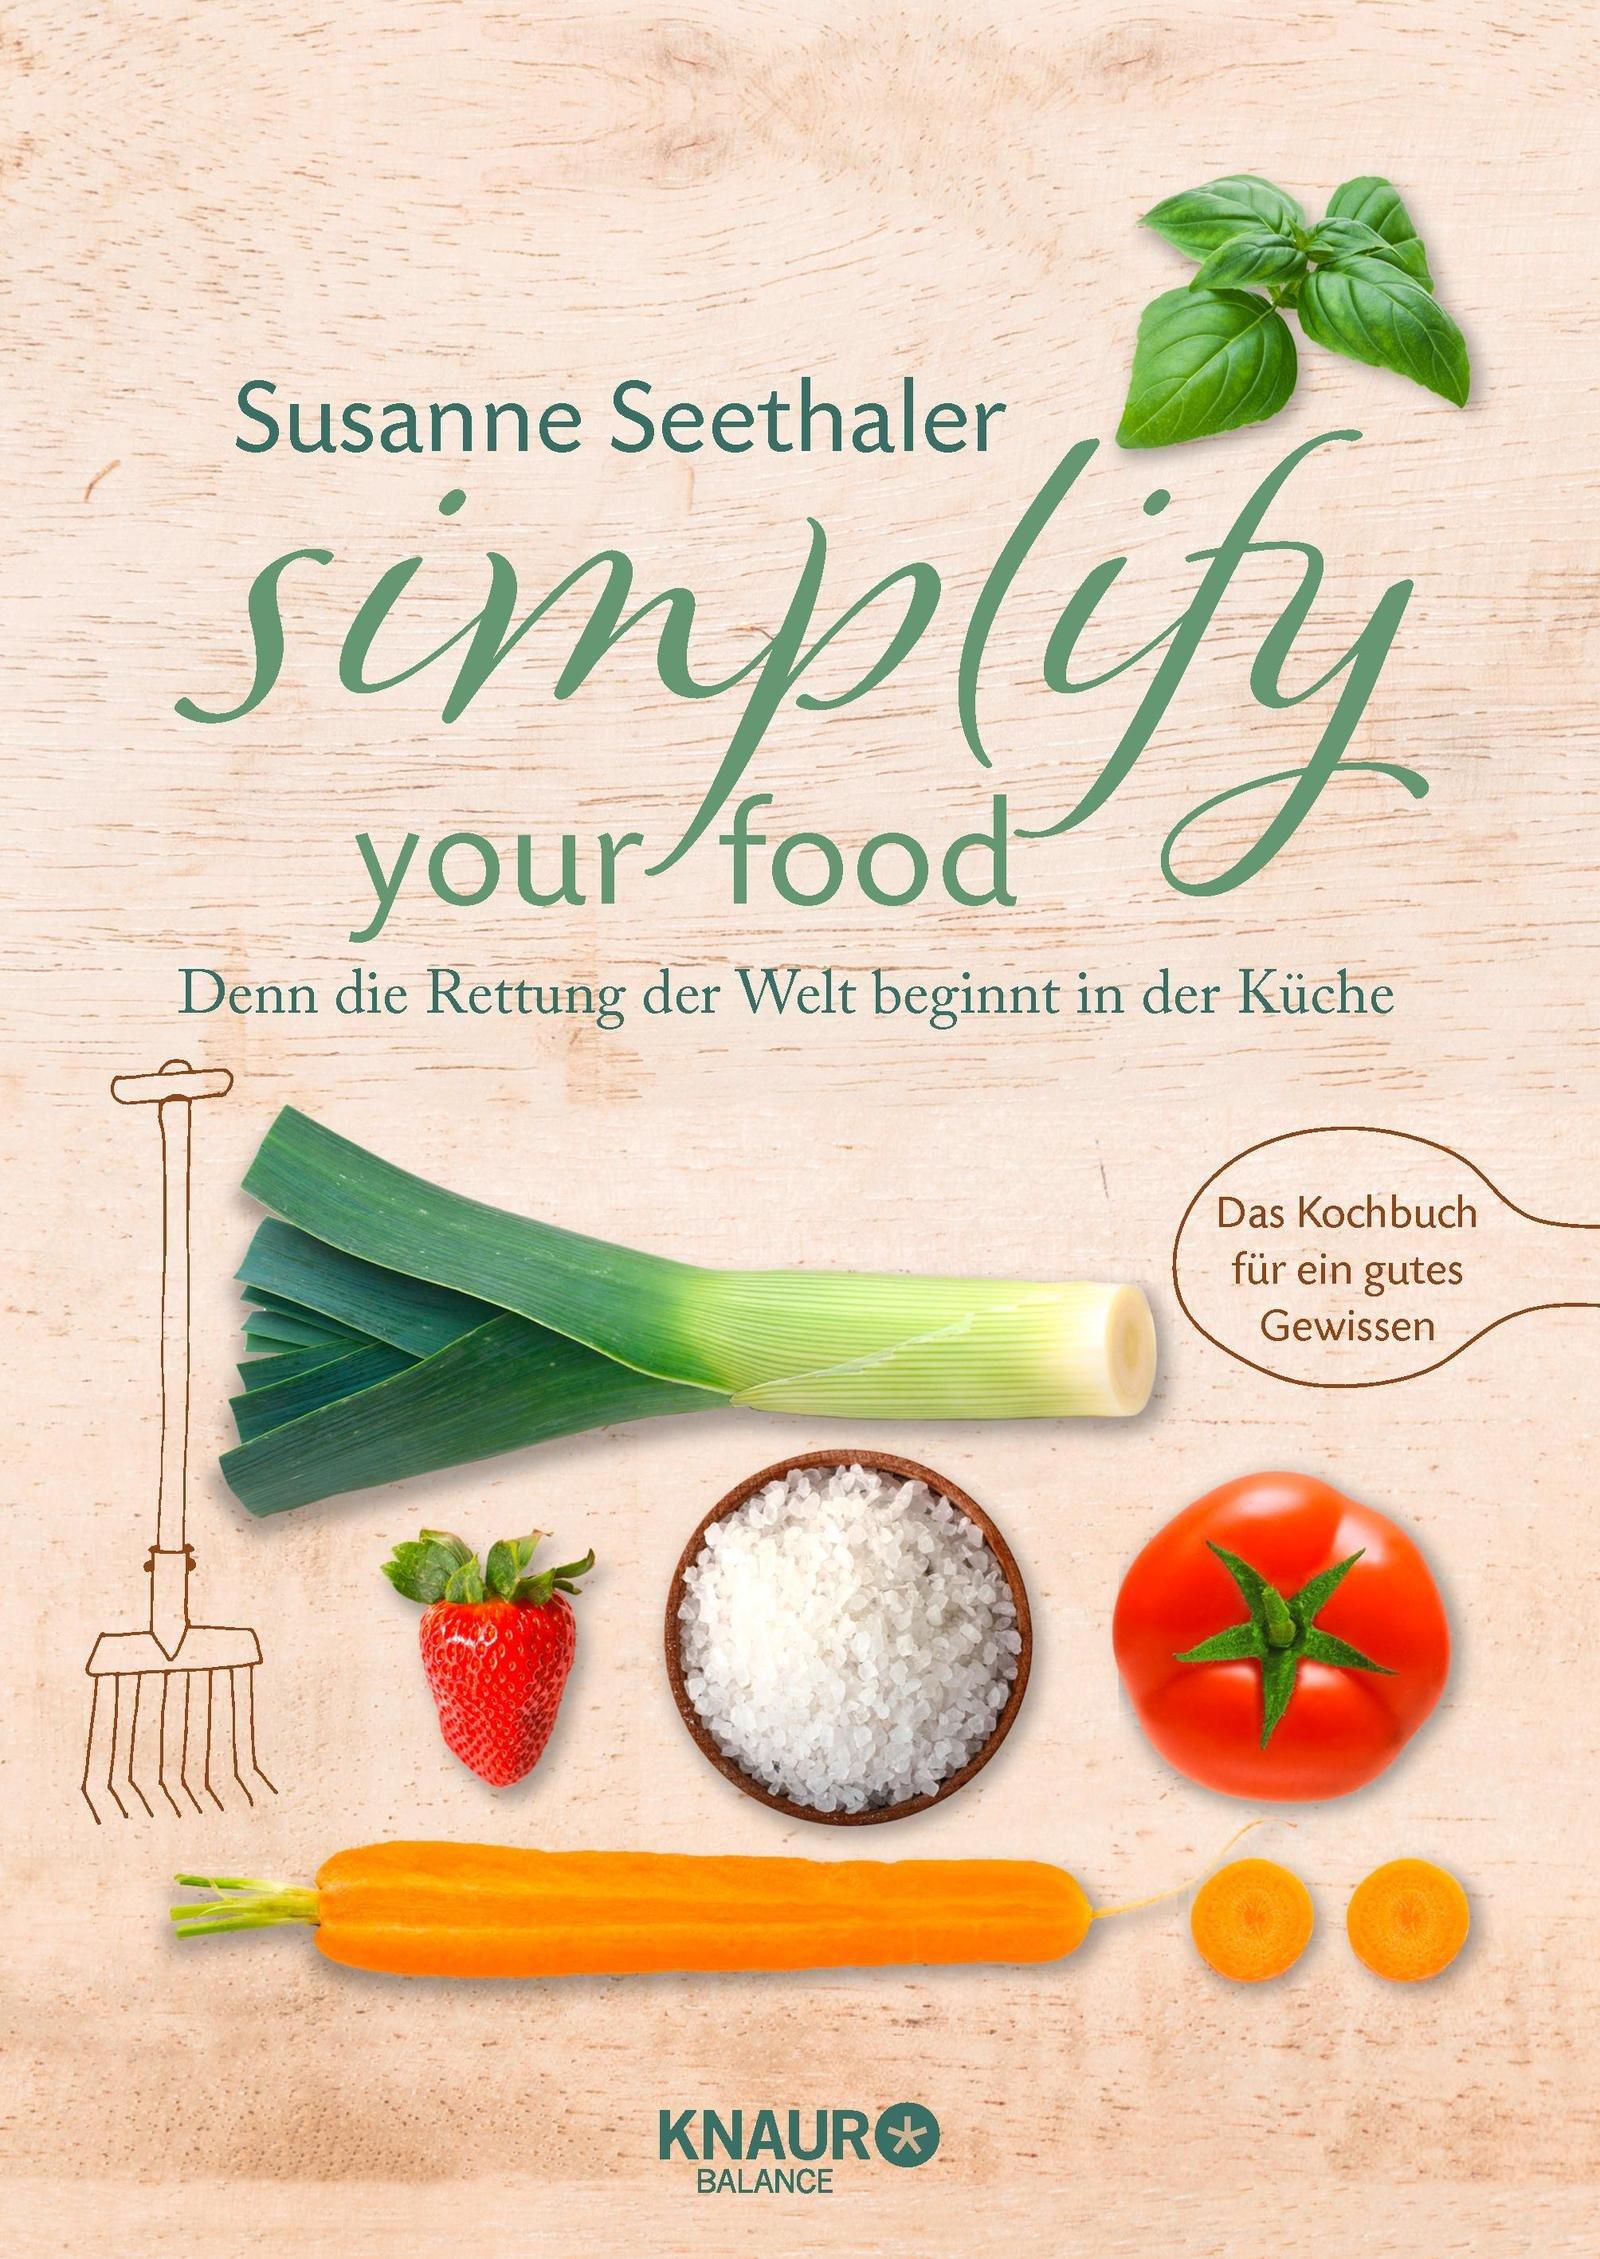 Simplify your food: Denn die Rettung der Welt beginnt in der Küche Broschiert – 3. September 2018 Susanne Seethaler Knaur Balance 3426675595 Themenkochbücher